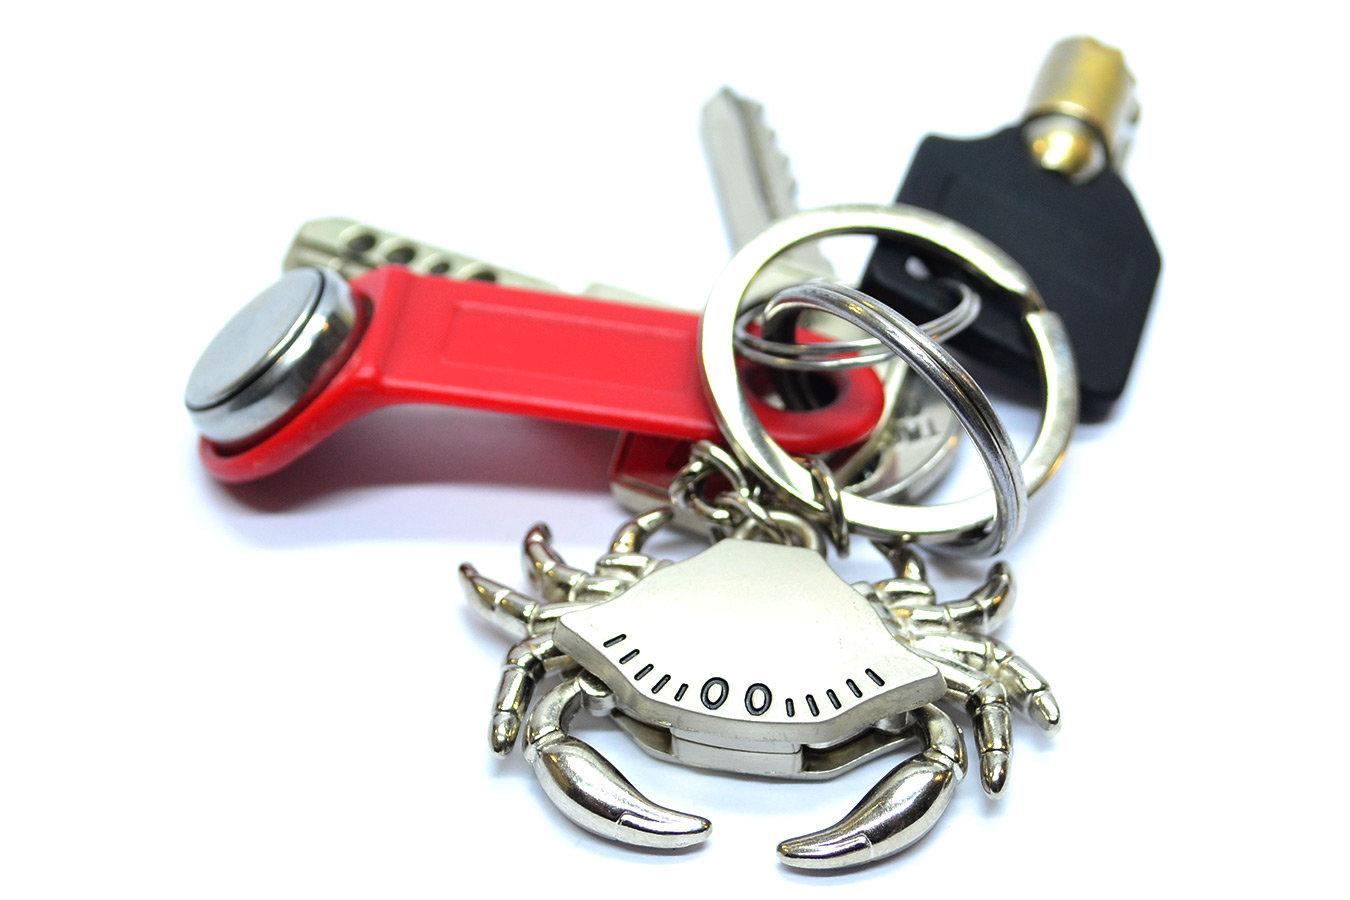 Брелки на ключи своими руками в домашних условиях 65